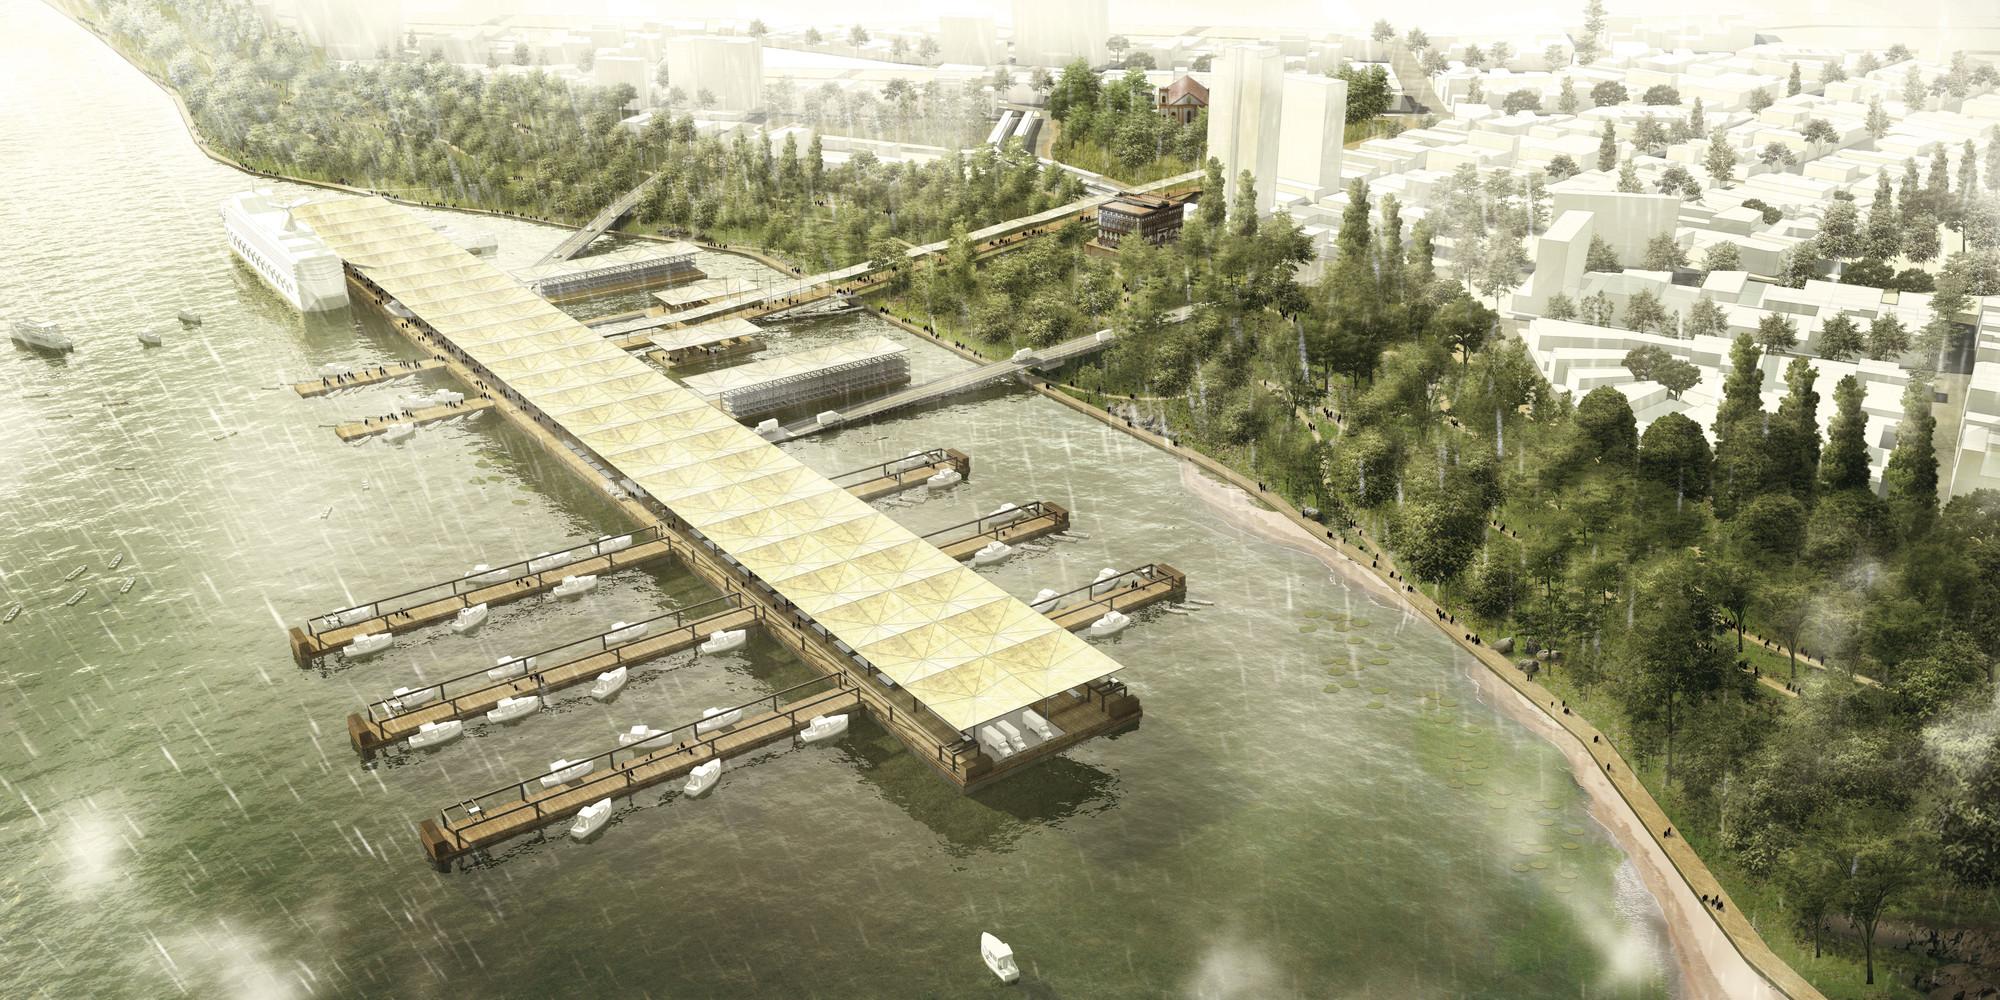 'Ensalada de Frutas', la disolución entre infraestructura, arquitectura y territorio urbano, Cortesia de Estudio mono